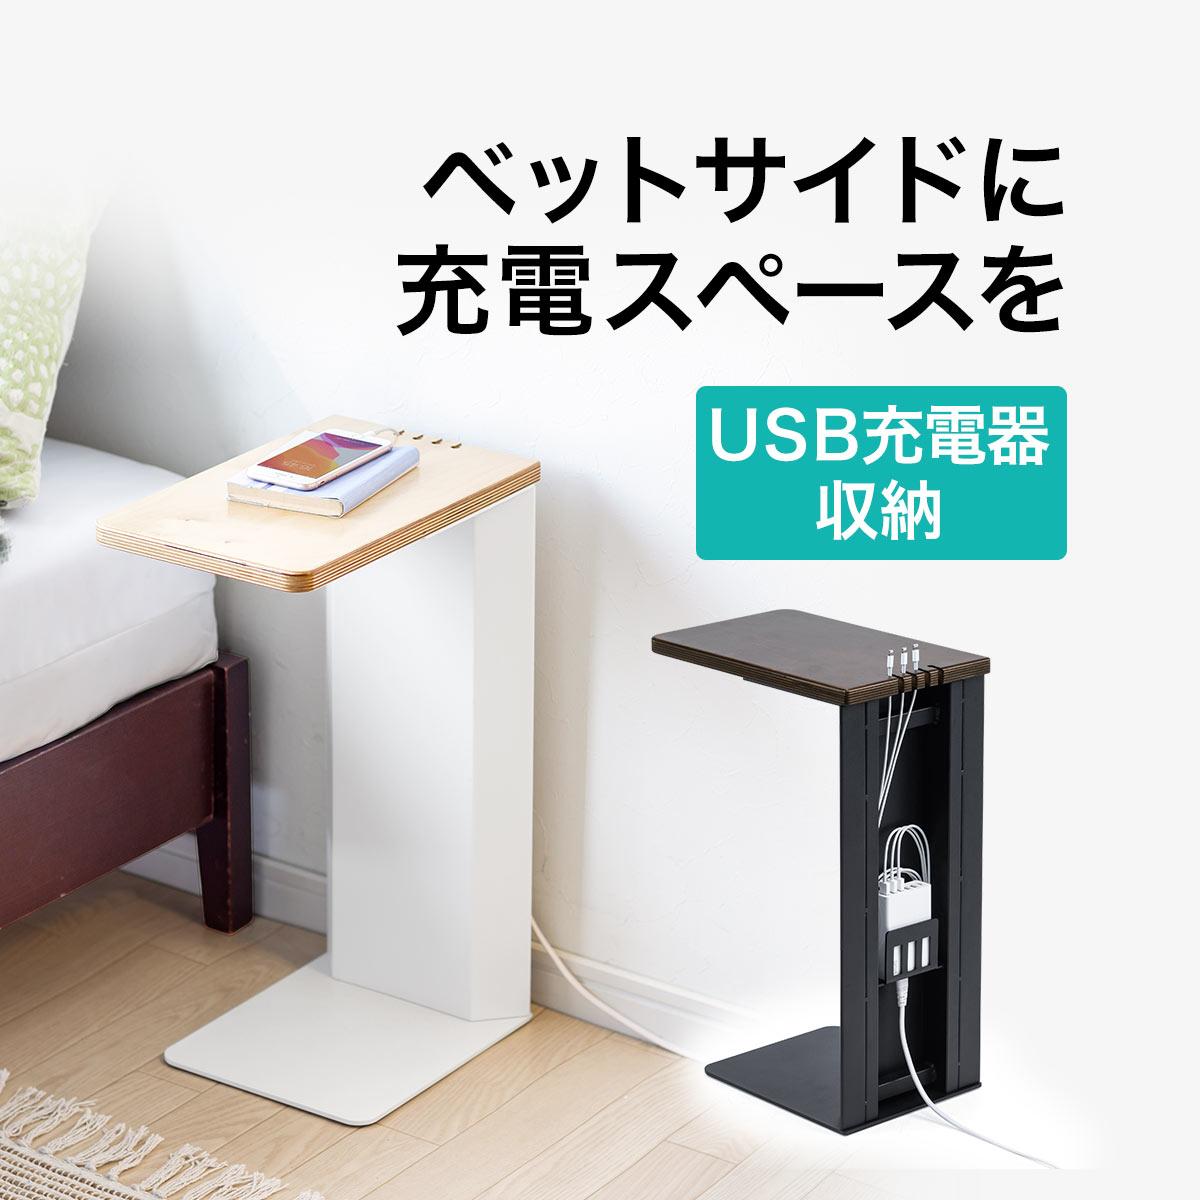 ベッドサイドテーブル ソファサイドテーブル USB充電器収納 充電スタンド 天然木使用